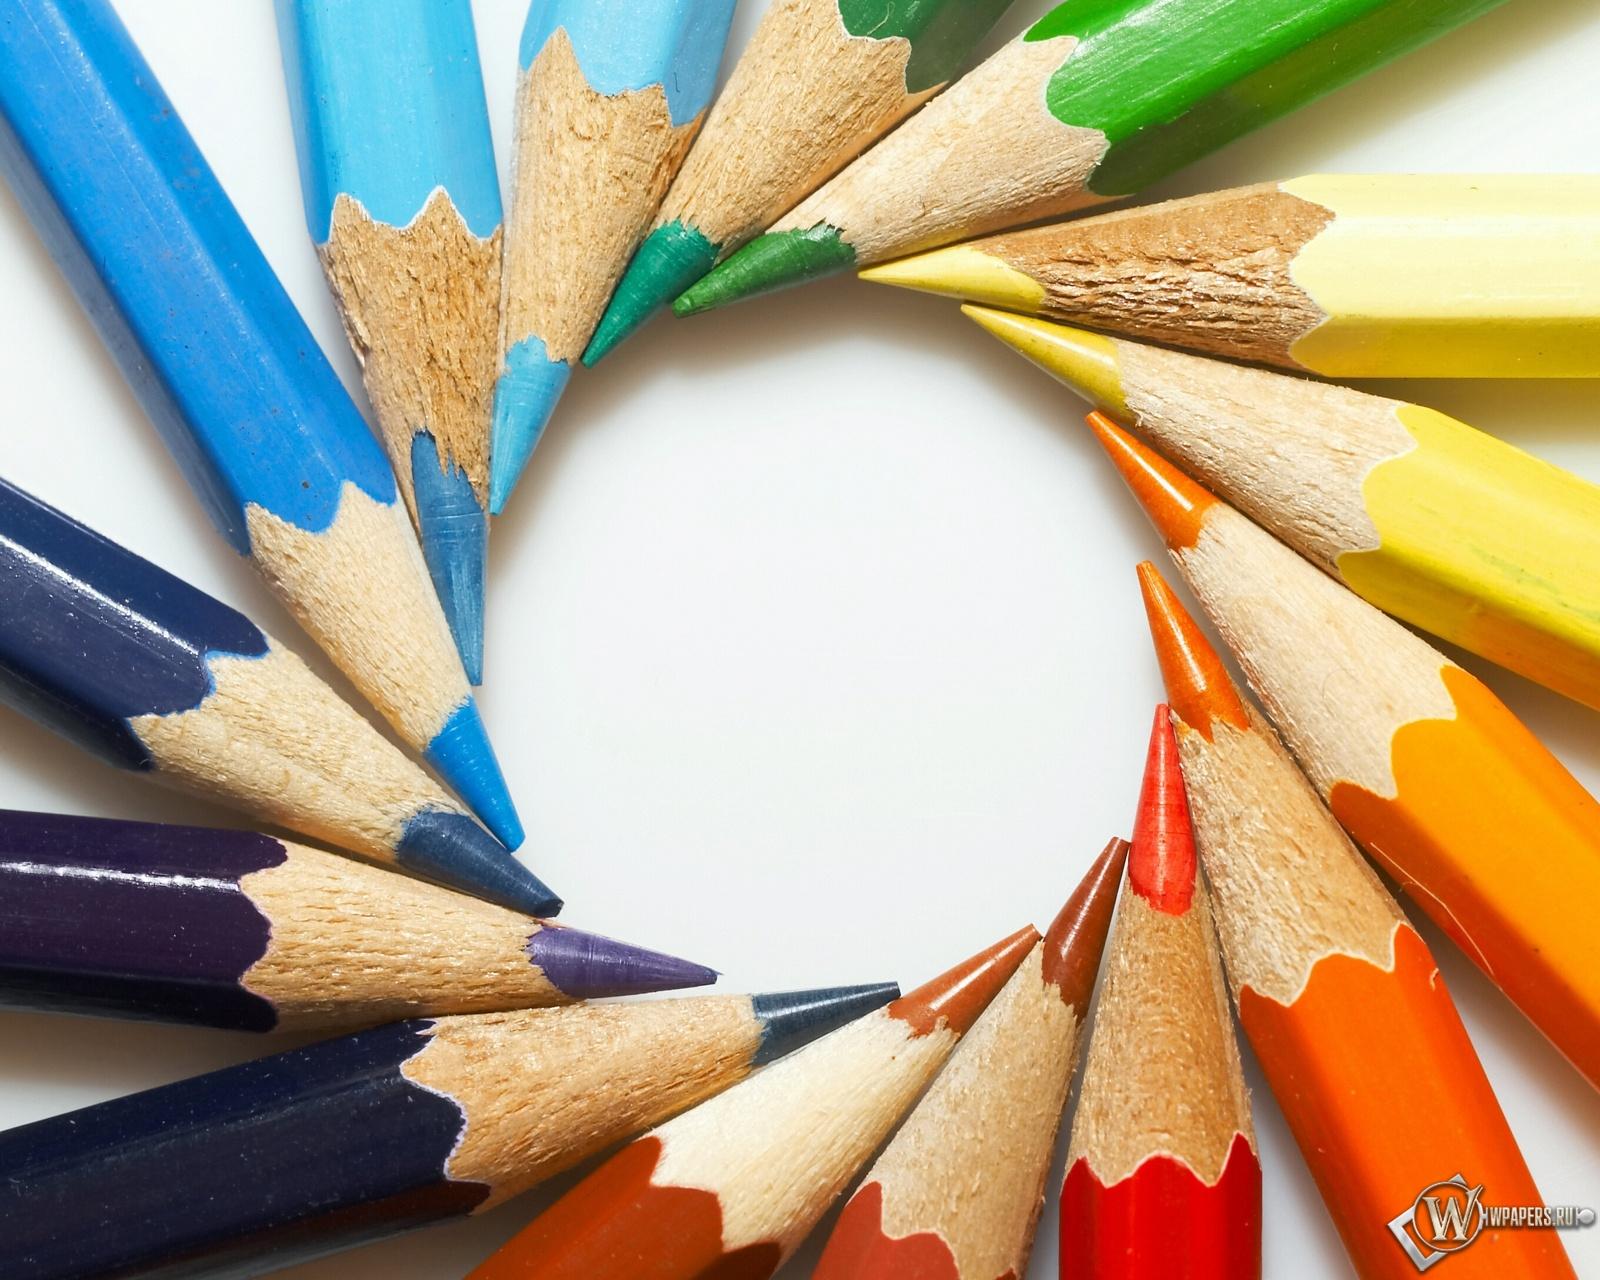 Цветные карандаши 1600x1280